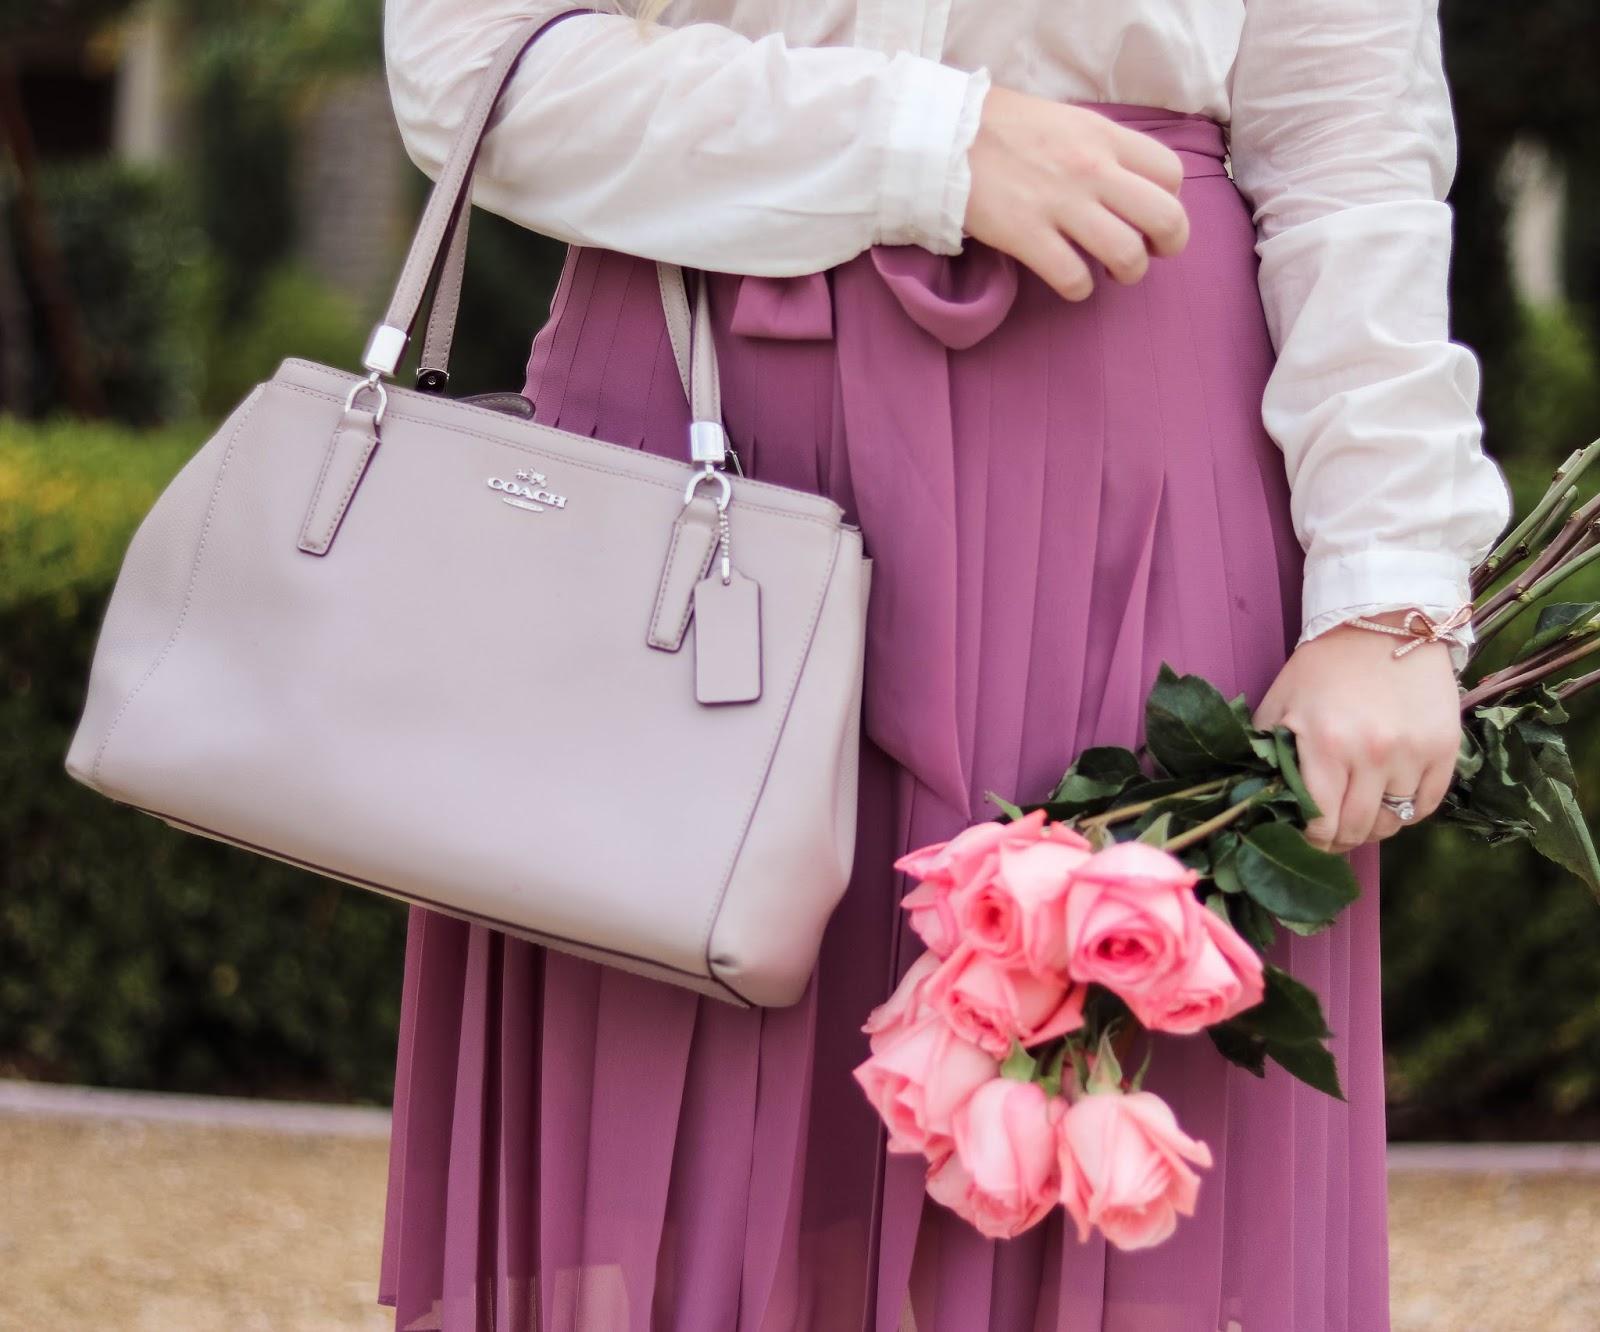 Elizabeth Hugen of Lizzie in Lace wears a grey coach bag